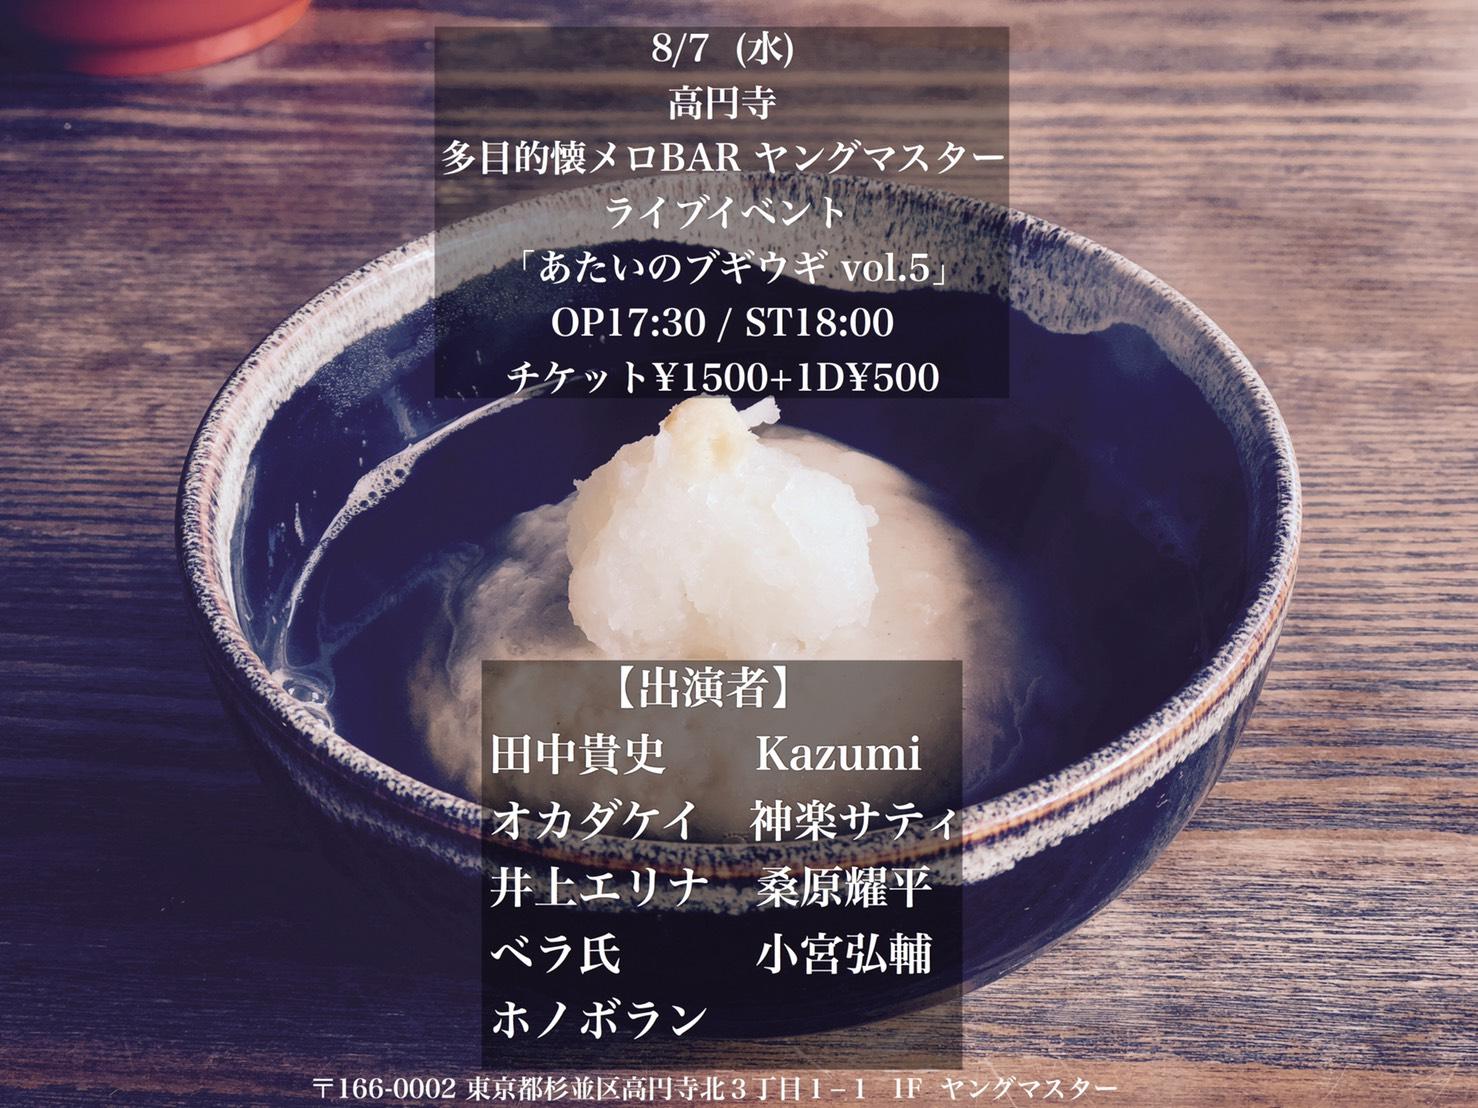 8/7 (水) ライブイベント 「あたいのブギウギ vol.5」